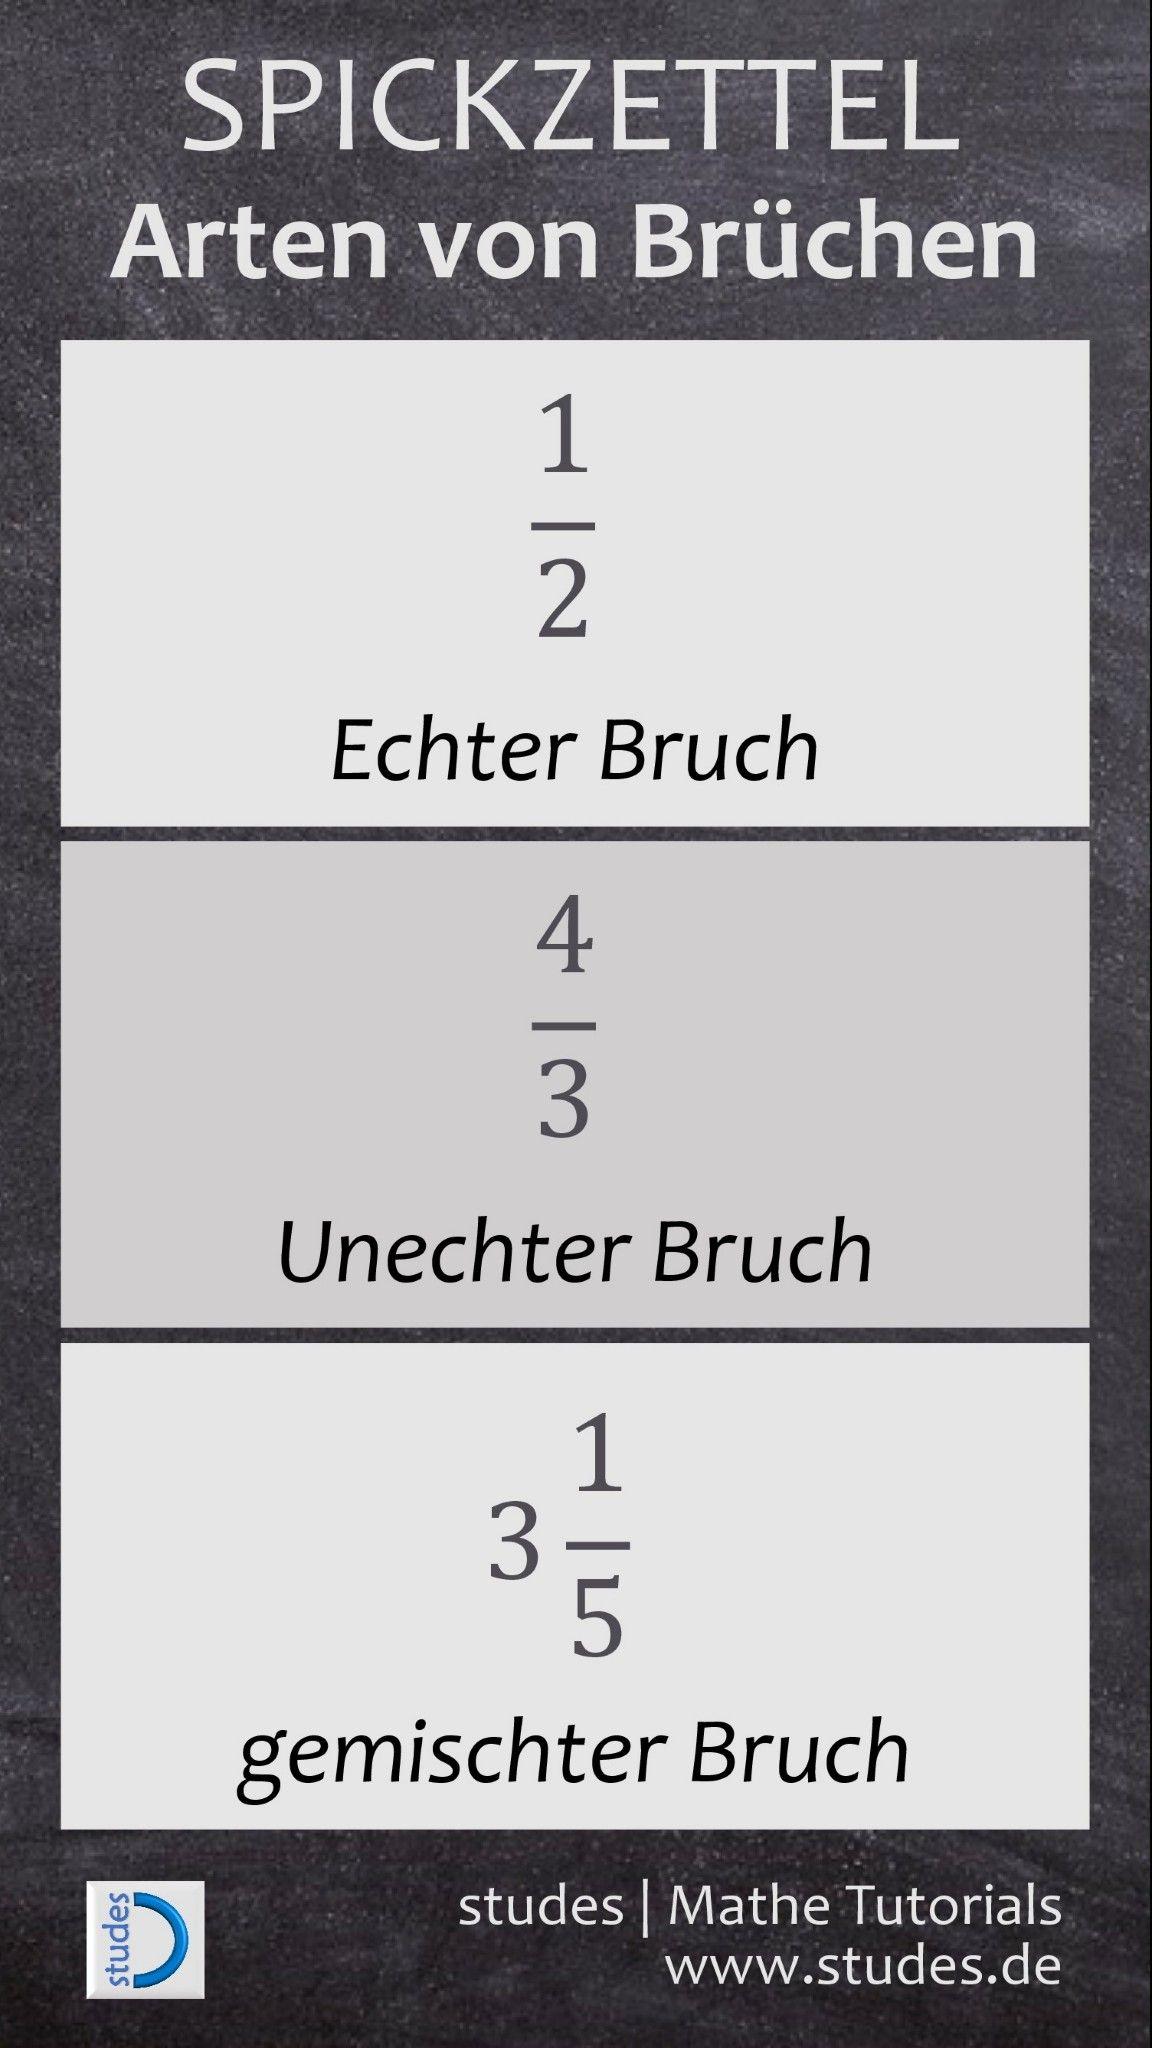 Arten von Brüchen: Echter Bruch, unechter Bruch und gemischter Bruch ...